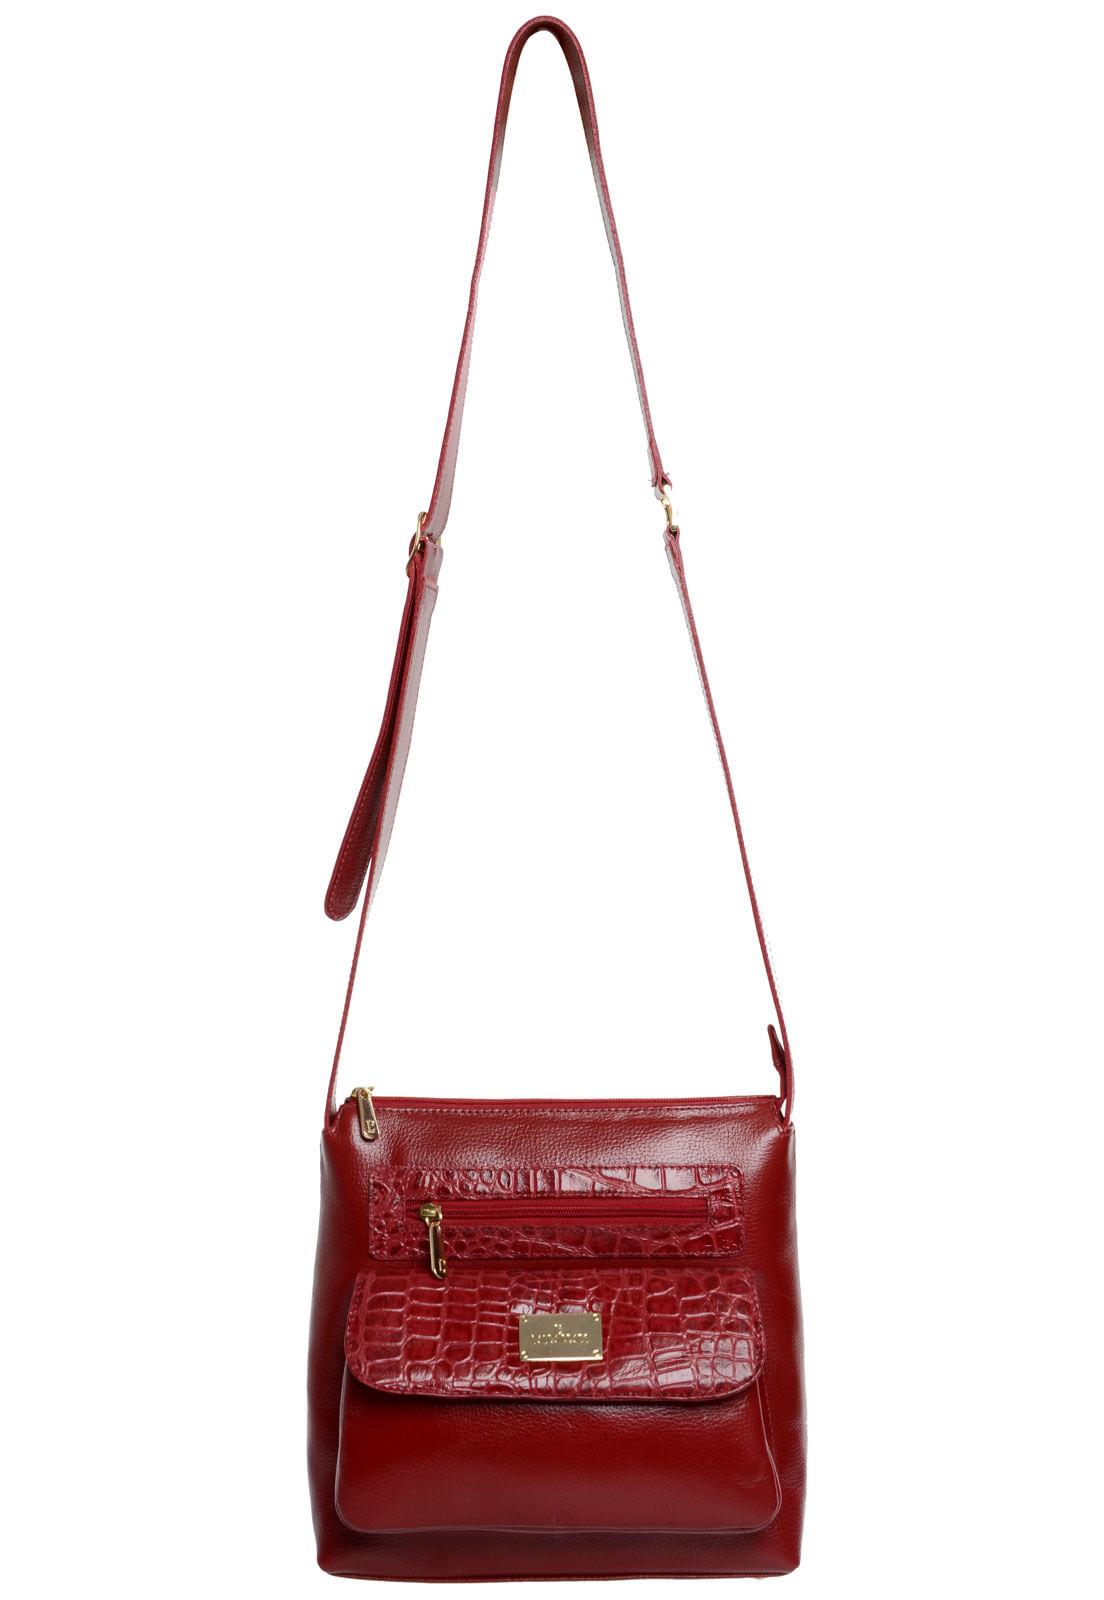 Bolsa Em Couro Transversal Vermelho Croco - Laura Prado 2f5cb02e1a0